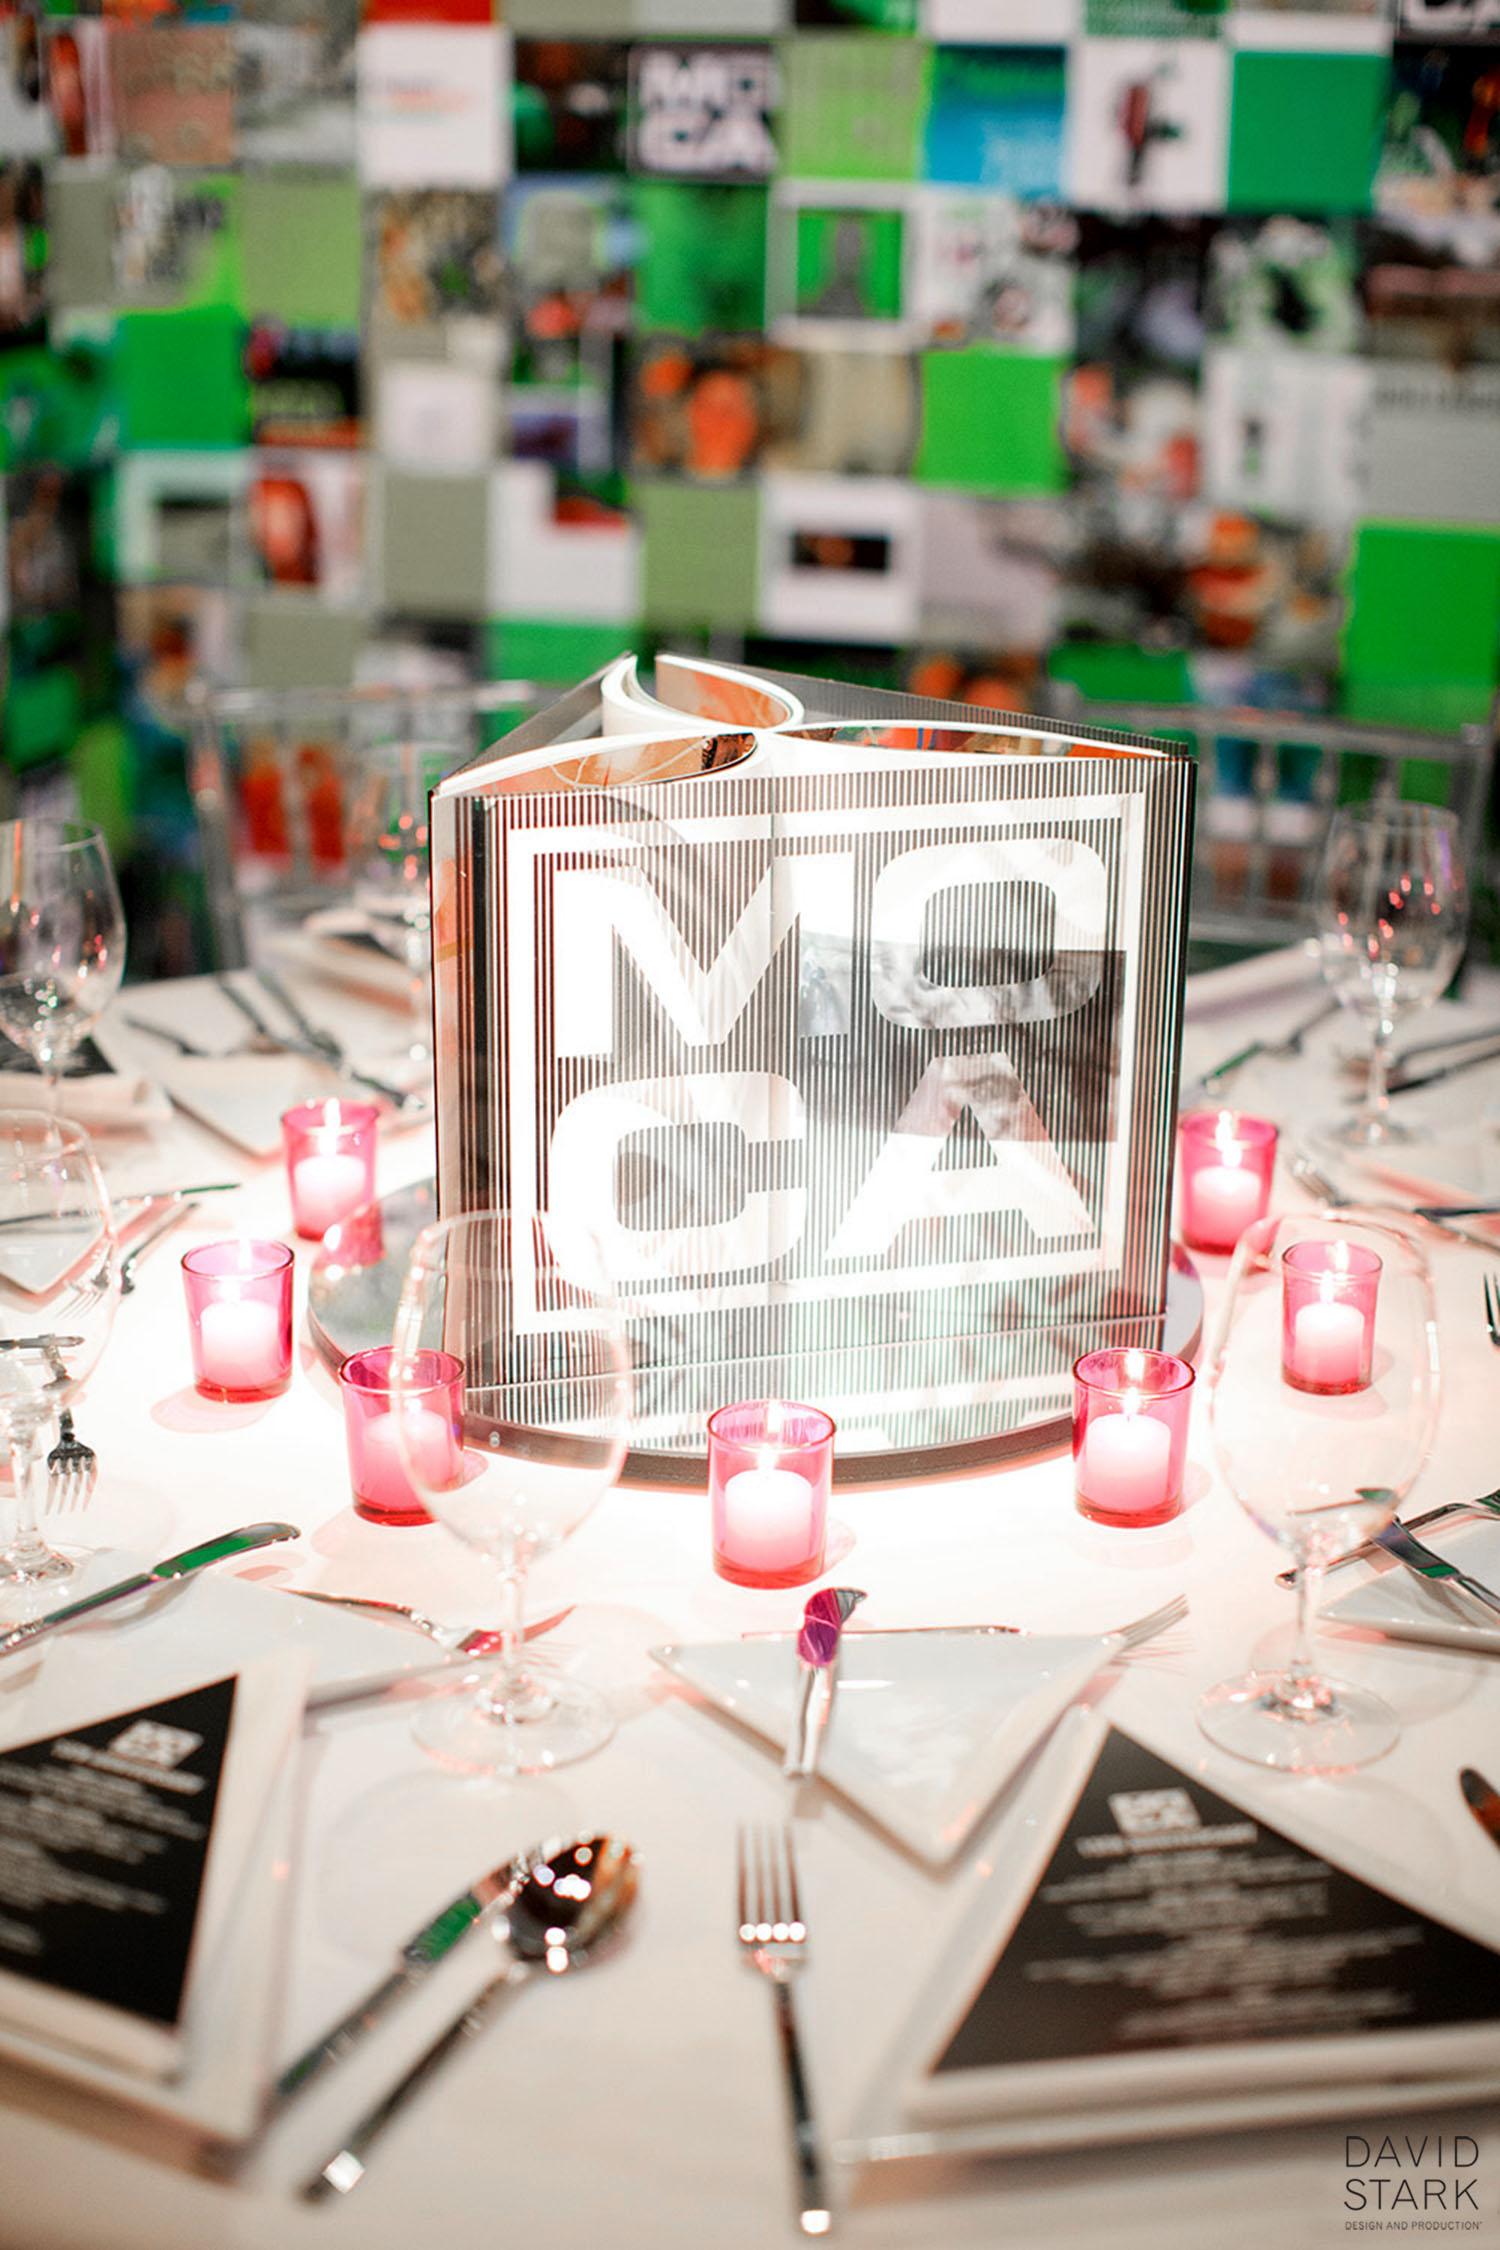 MOCA 08